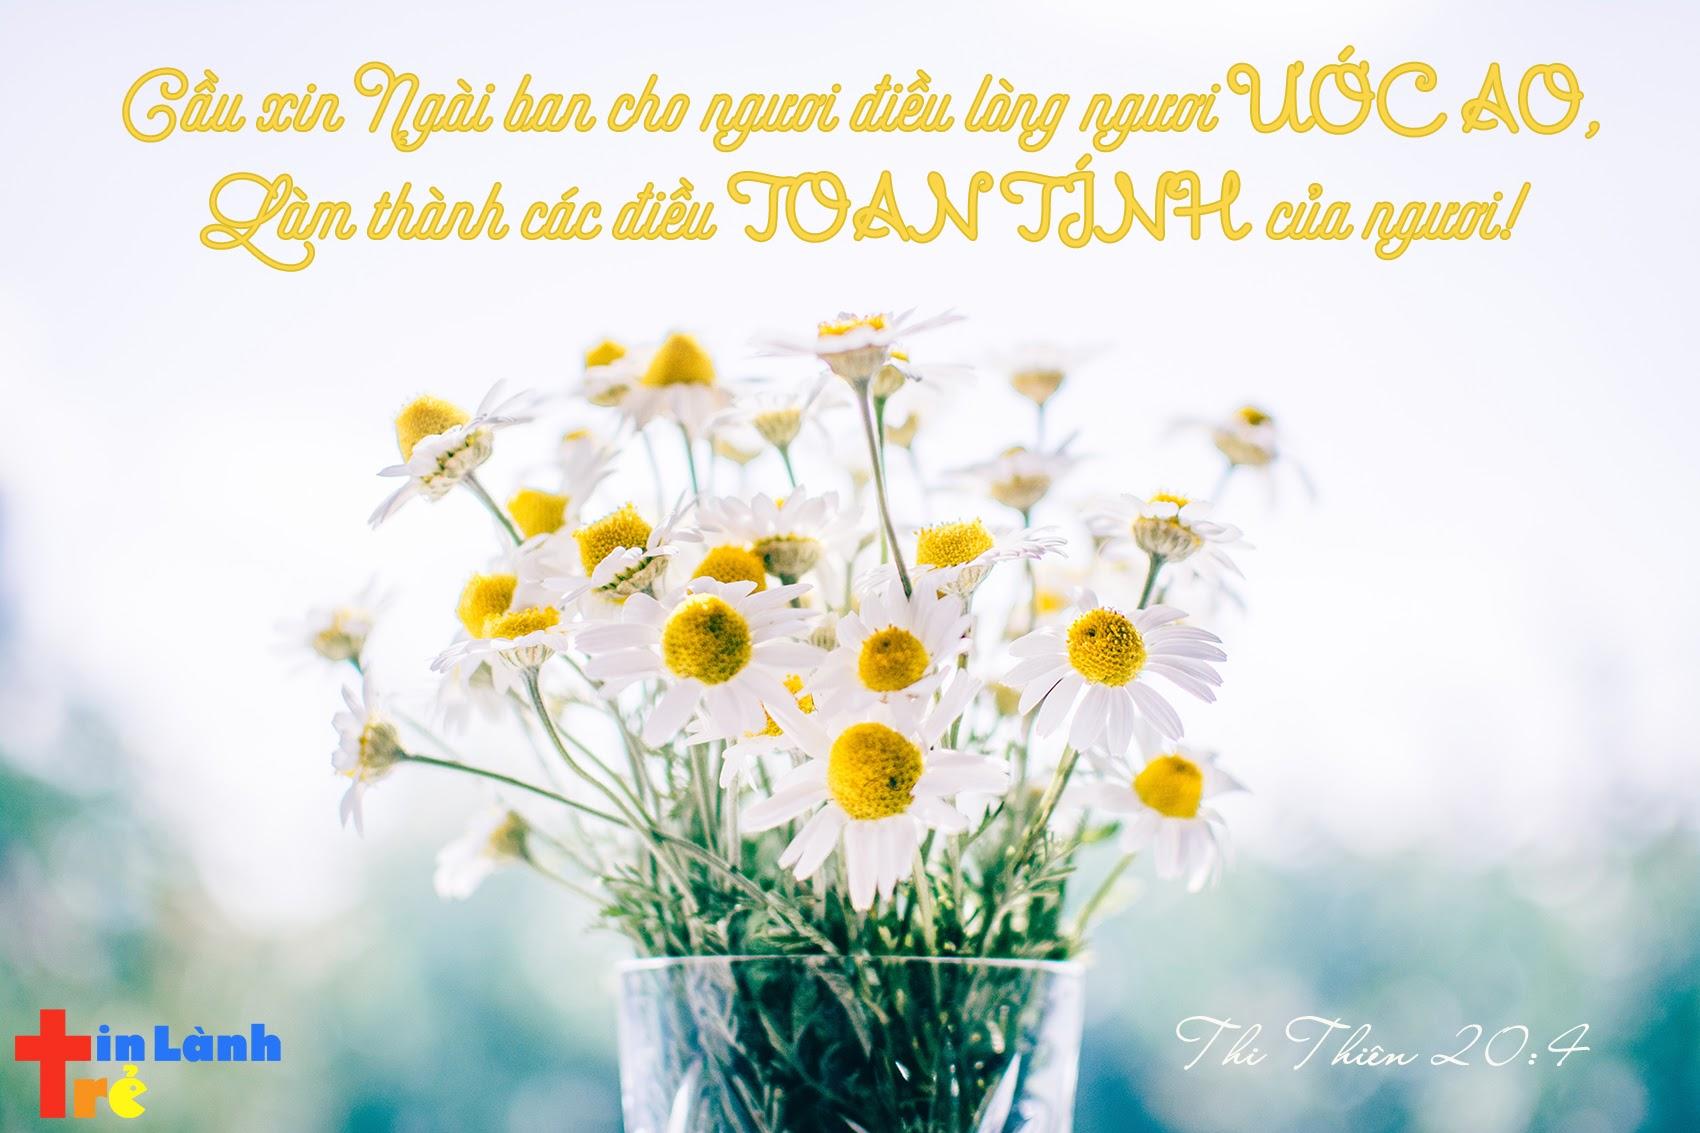 """""""Cầu xin Ngài ban cho ngươi điều lòng ngươi ước ao, Làm thành các điều toan tính của ngươi"""" -Thi-thiên 20:4"""